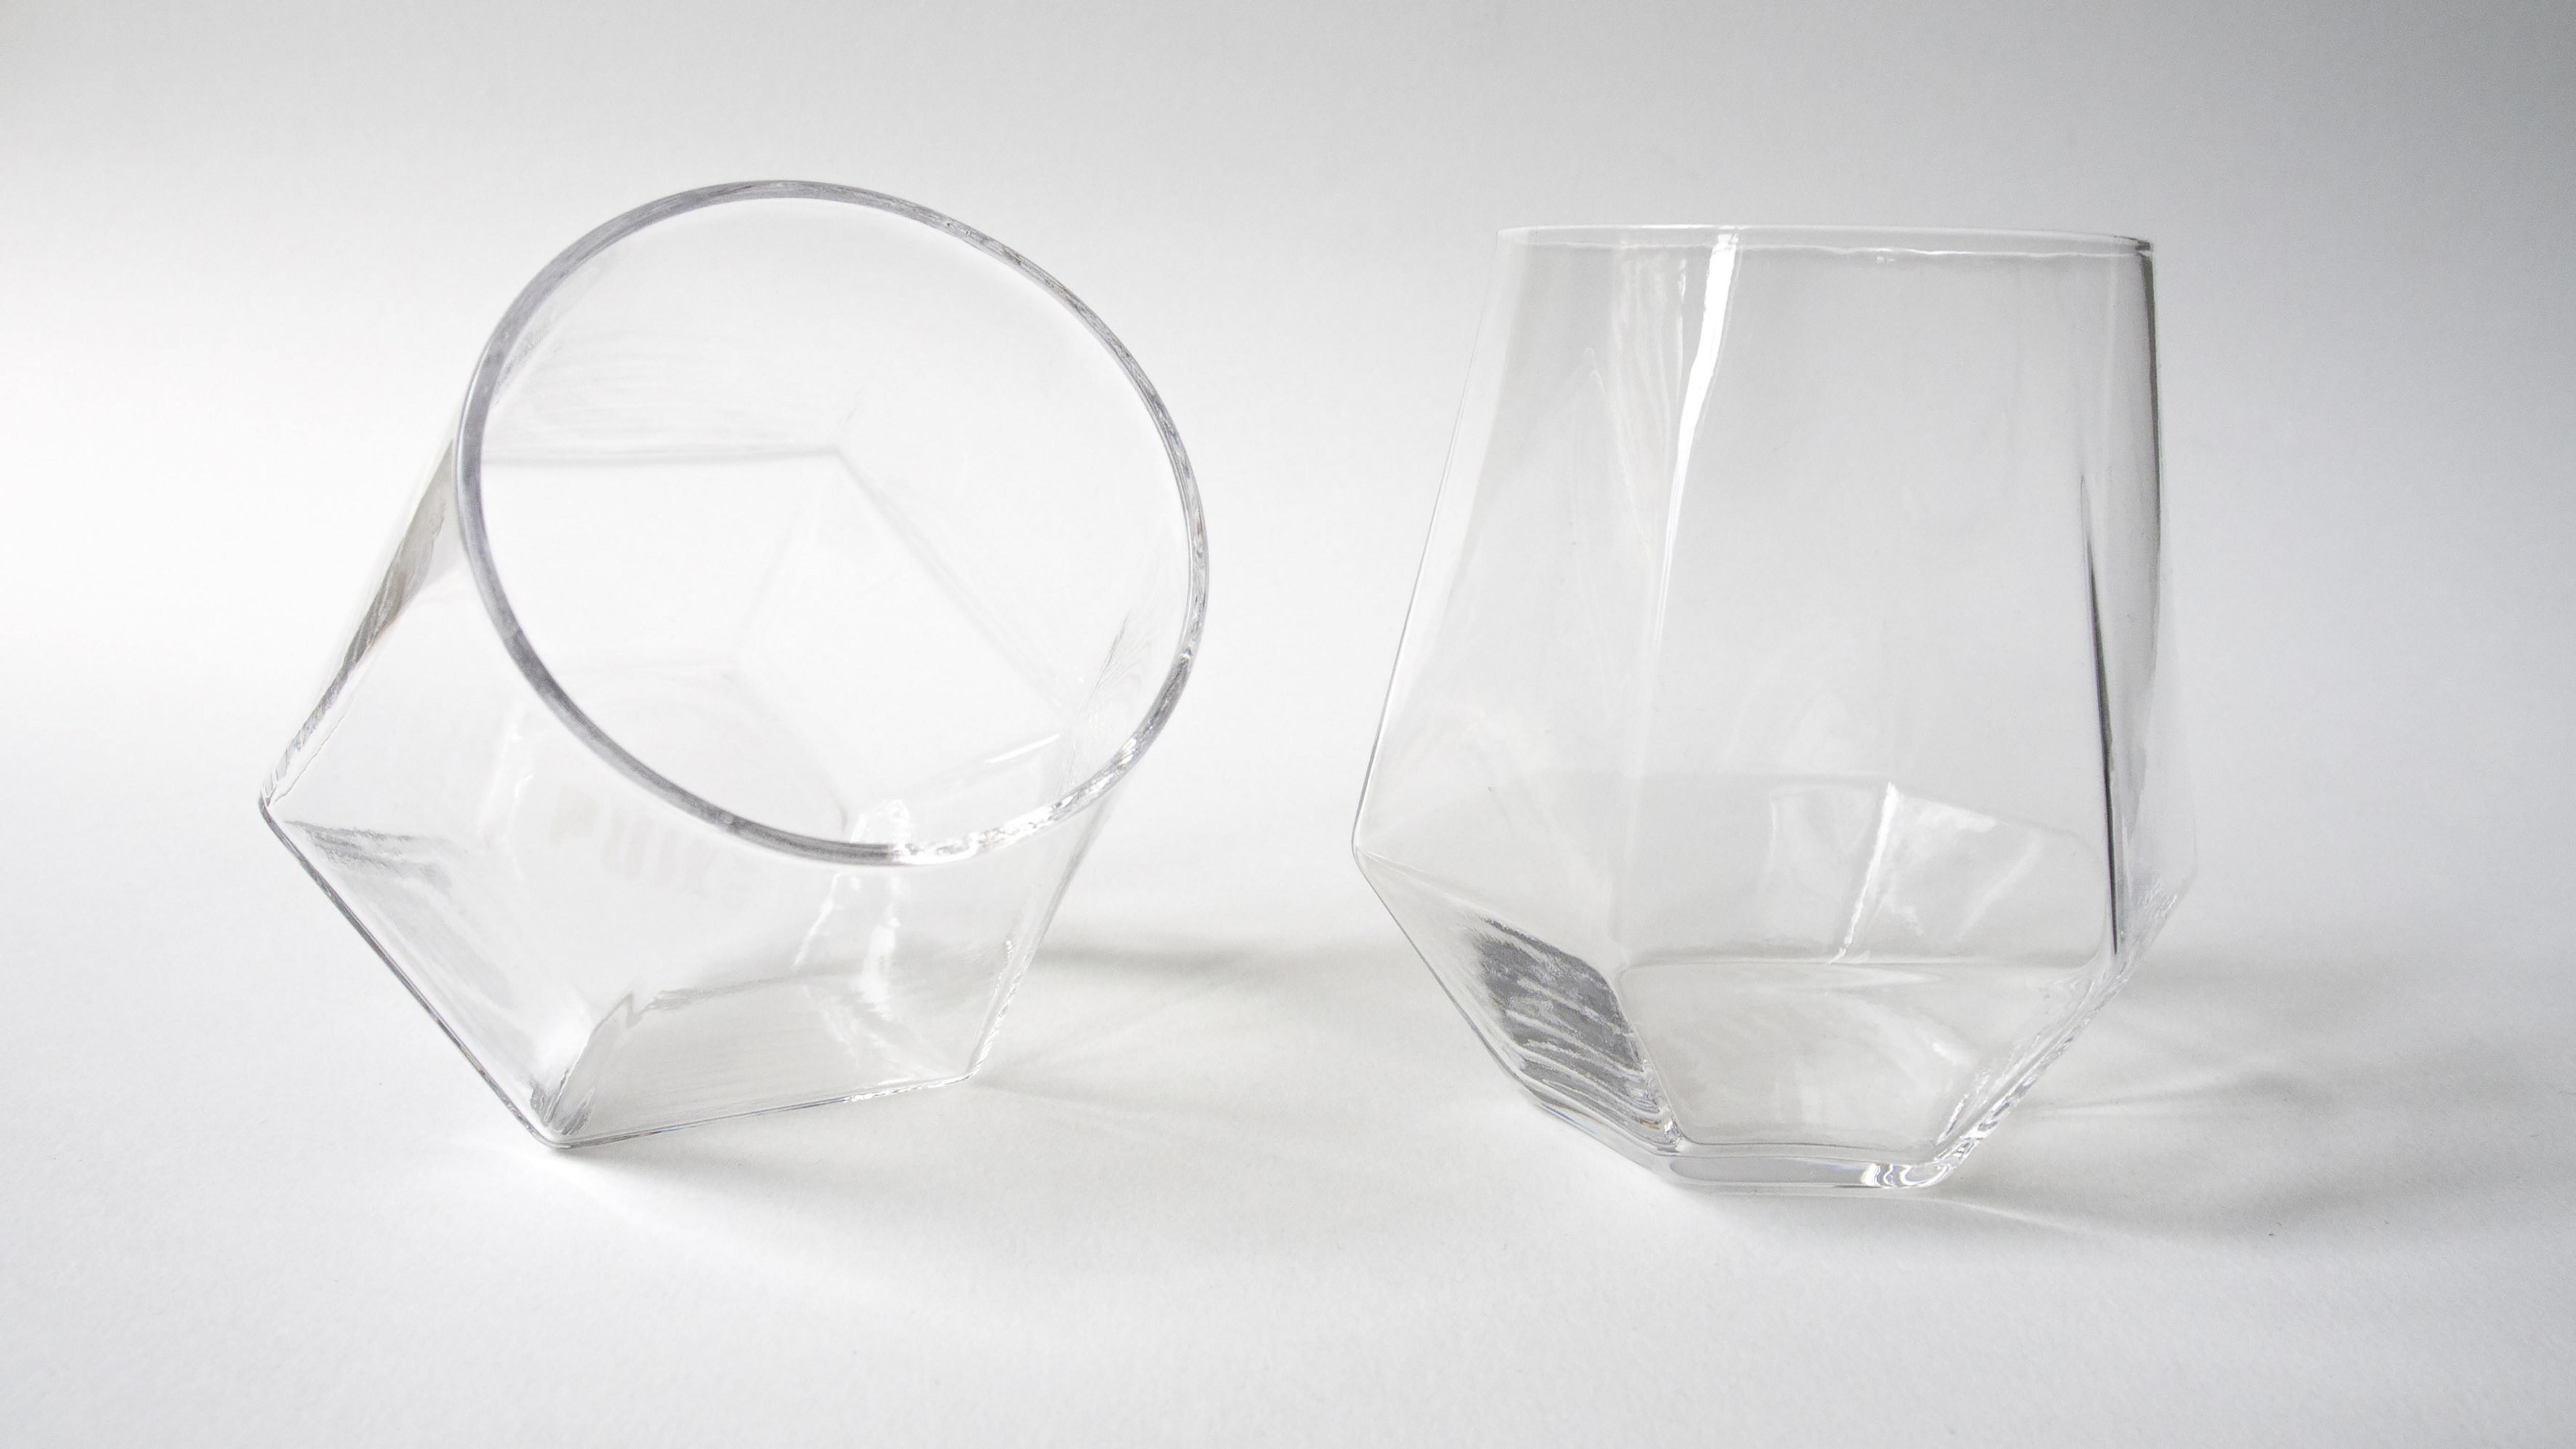 Radiant gläser aus kristallglas bei shop holland